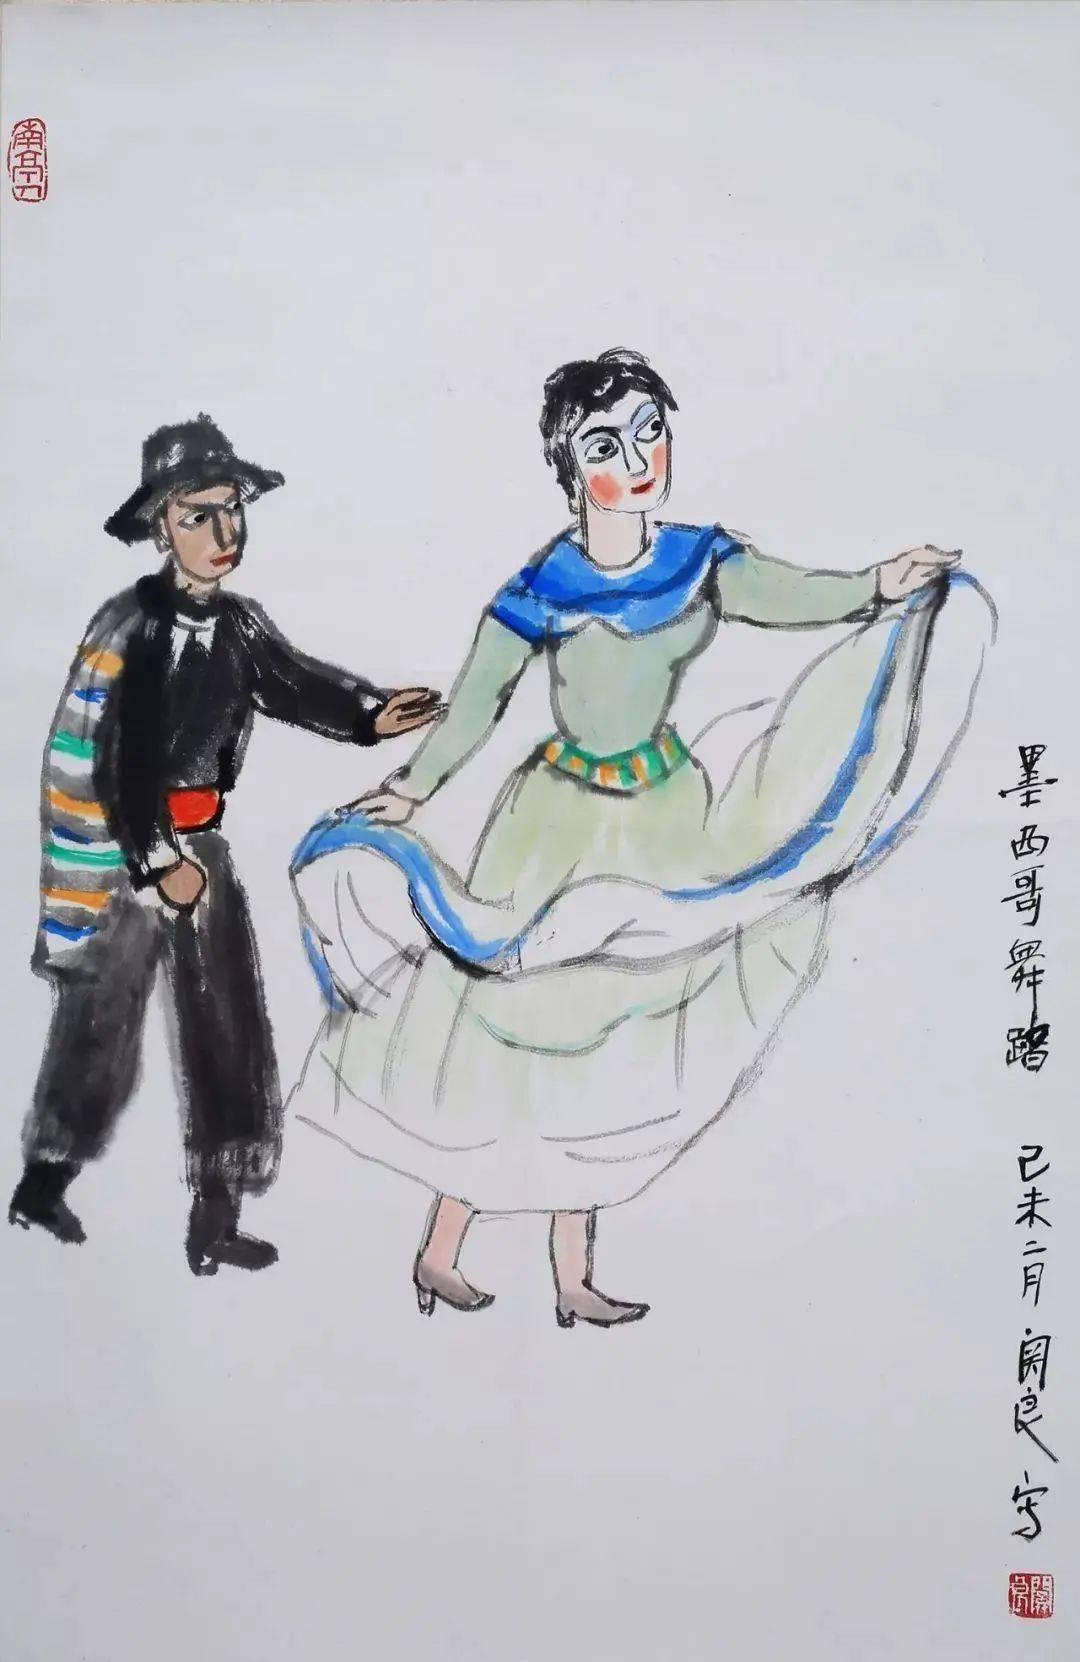 唐云 关良是黄宾虹齐白石之后,又一位具有重大创造性的画家之一